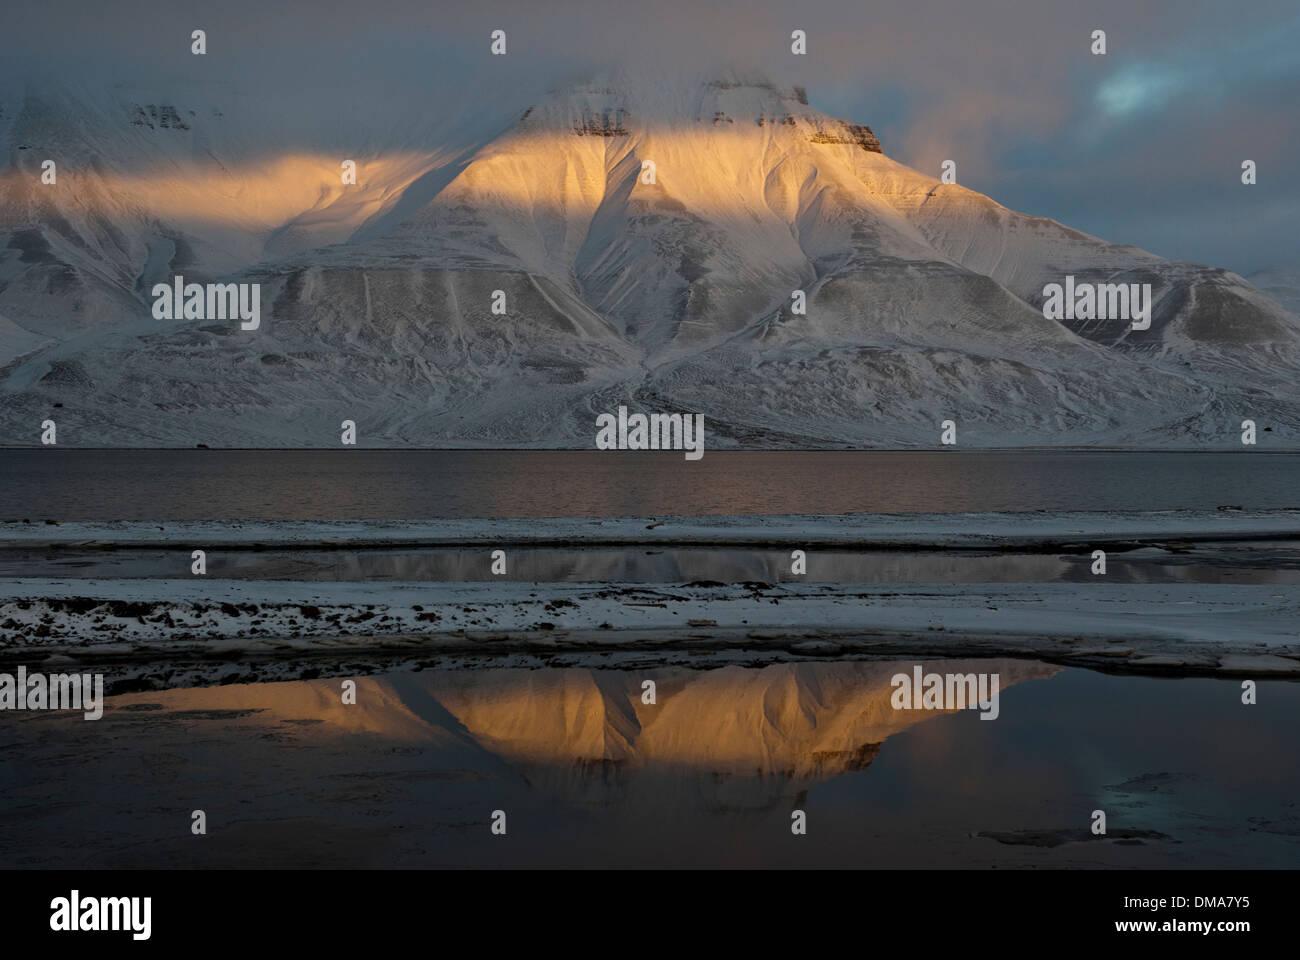 Massiv des Adventdalen und Isfjorden in der Abenddämmerung, Spitzbergen, Norwegen Stockbild